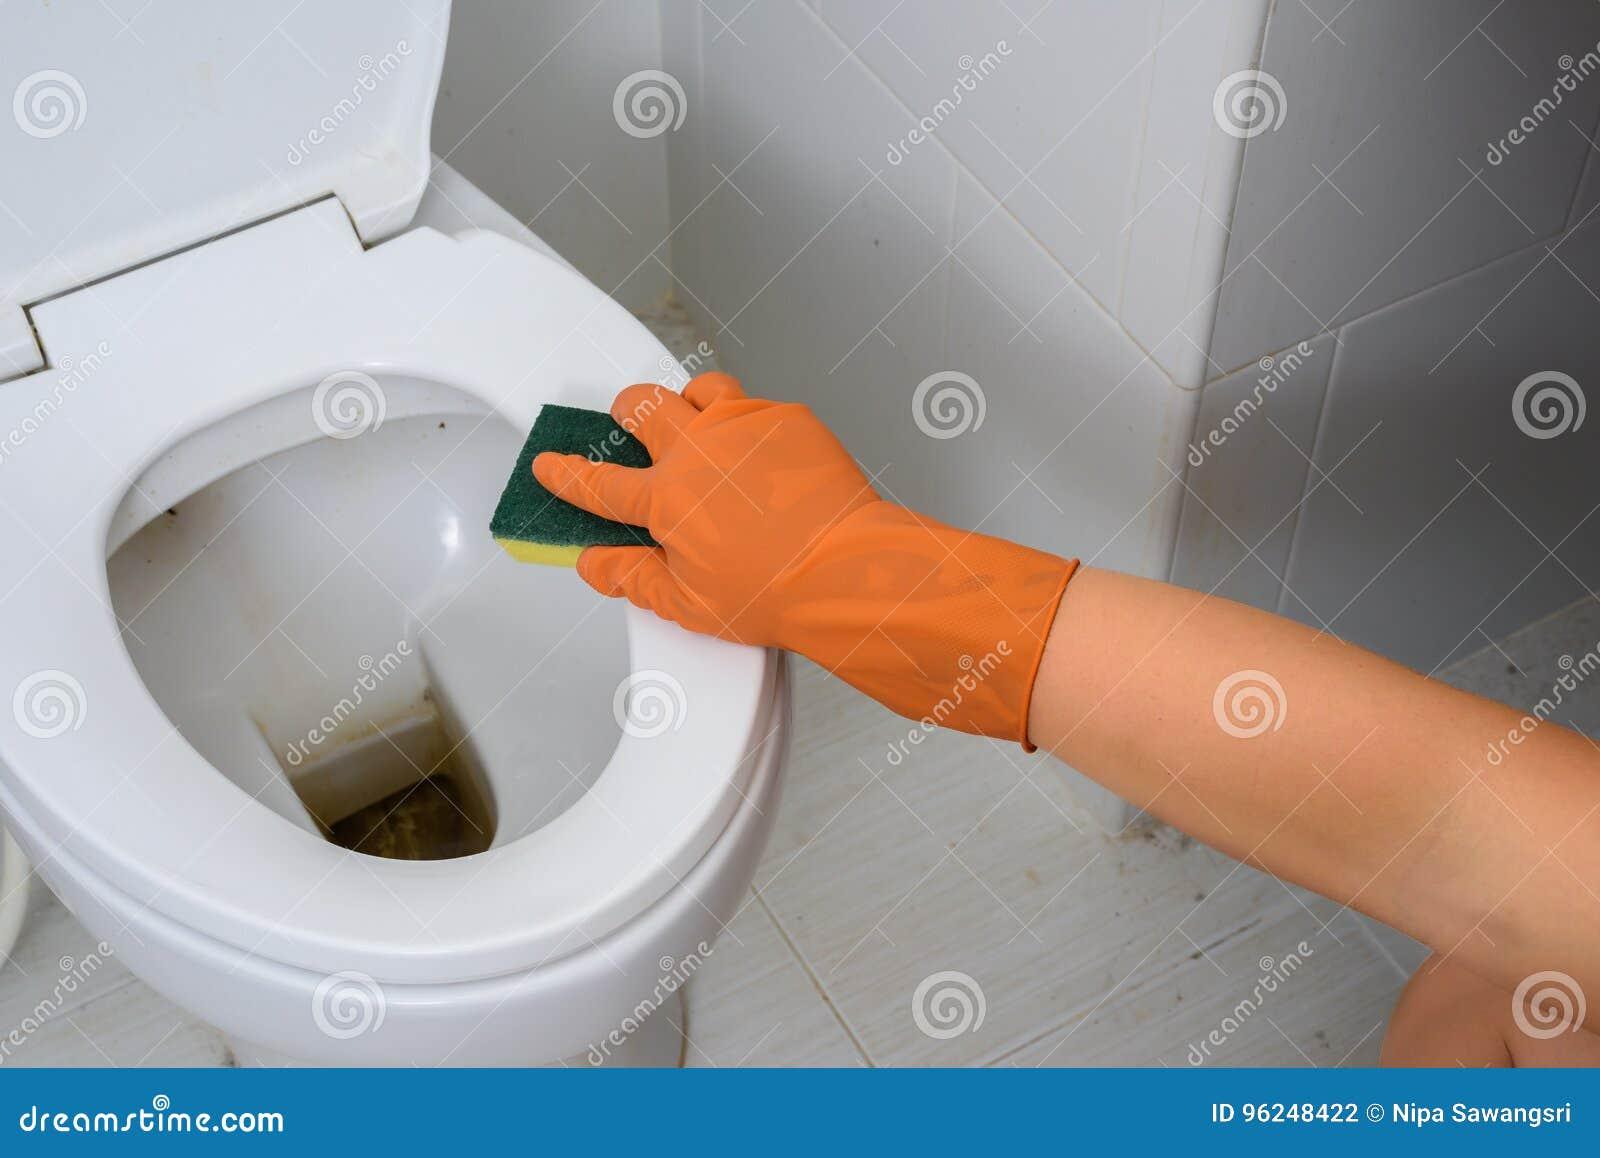 Ręki w Pomarańczowych rękawiczkach czyści WC, toaleta, klozet